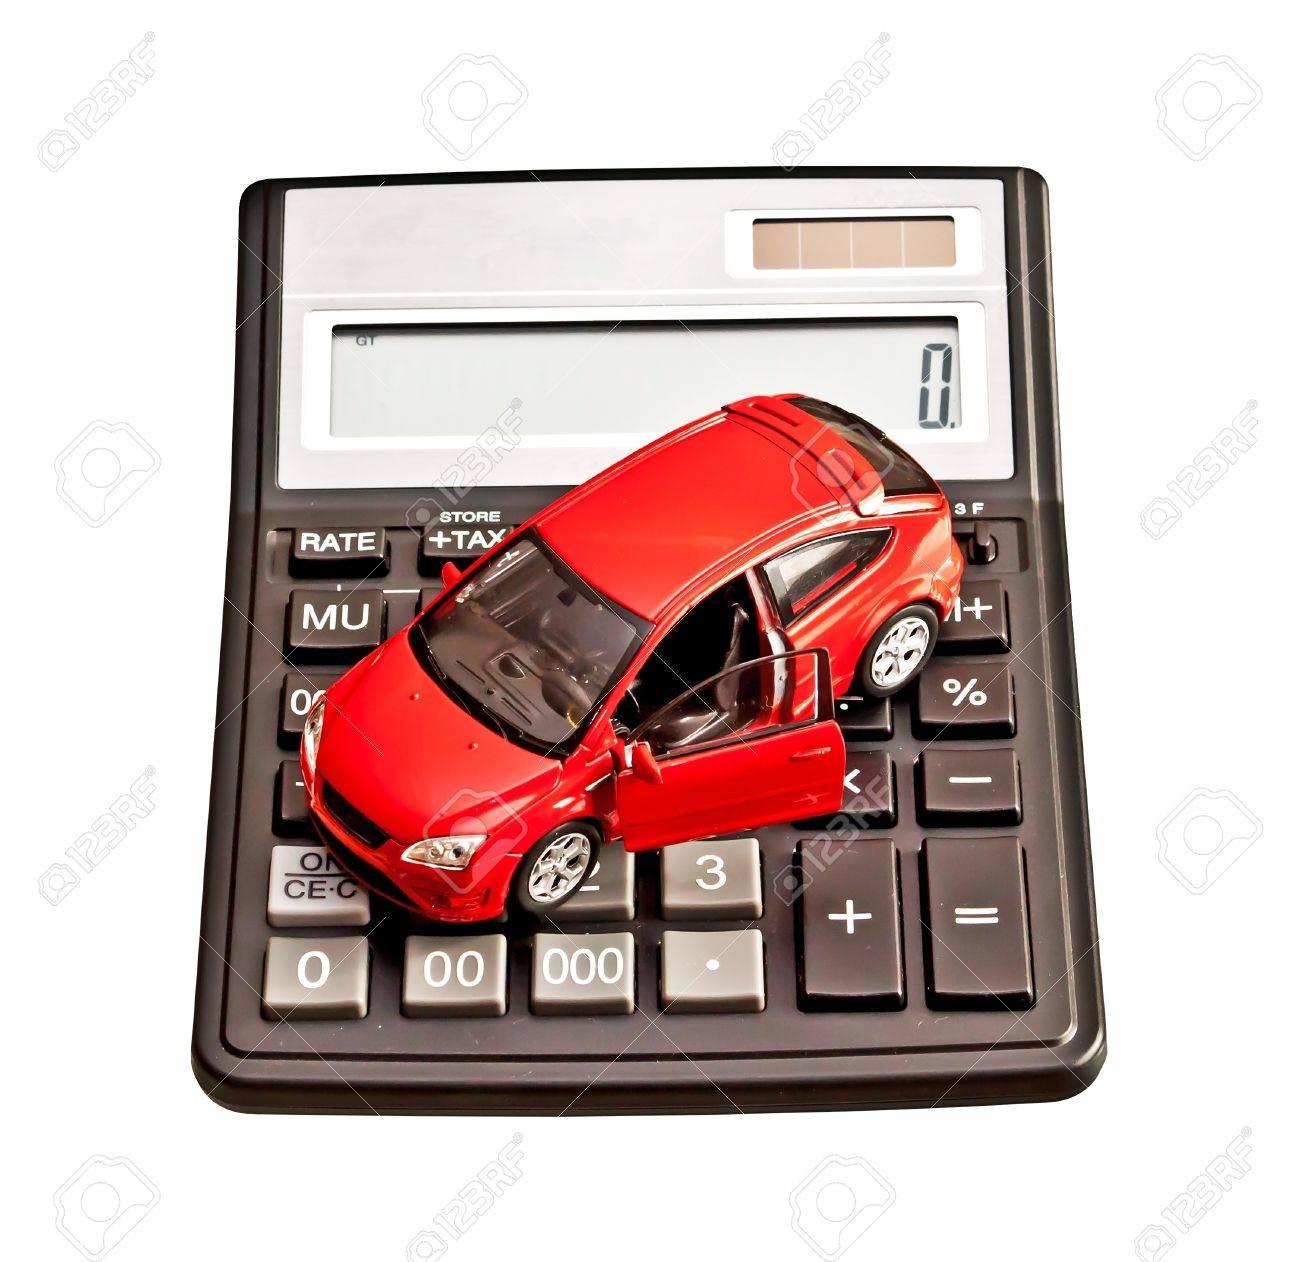 buying a car calculator